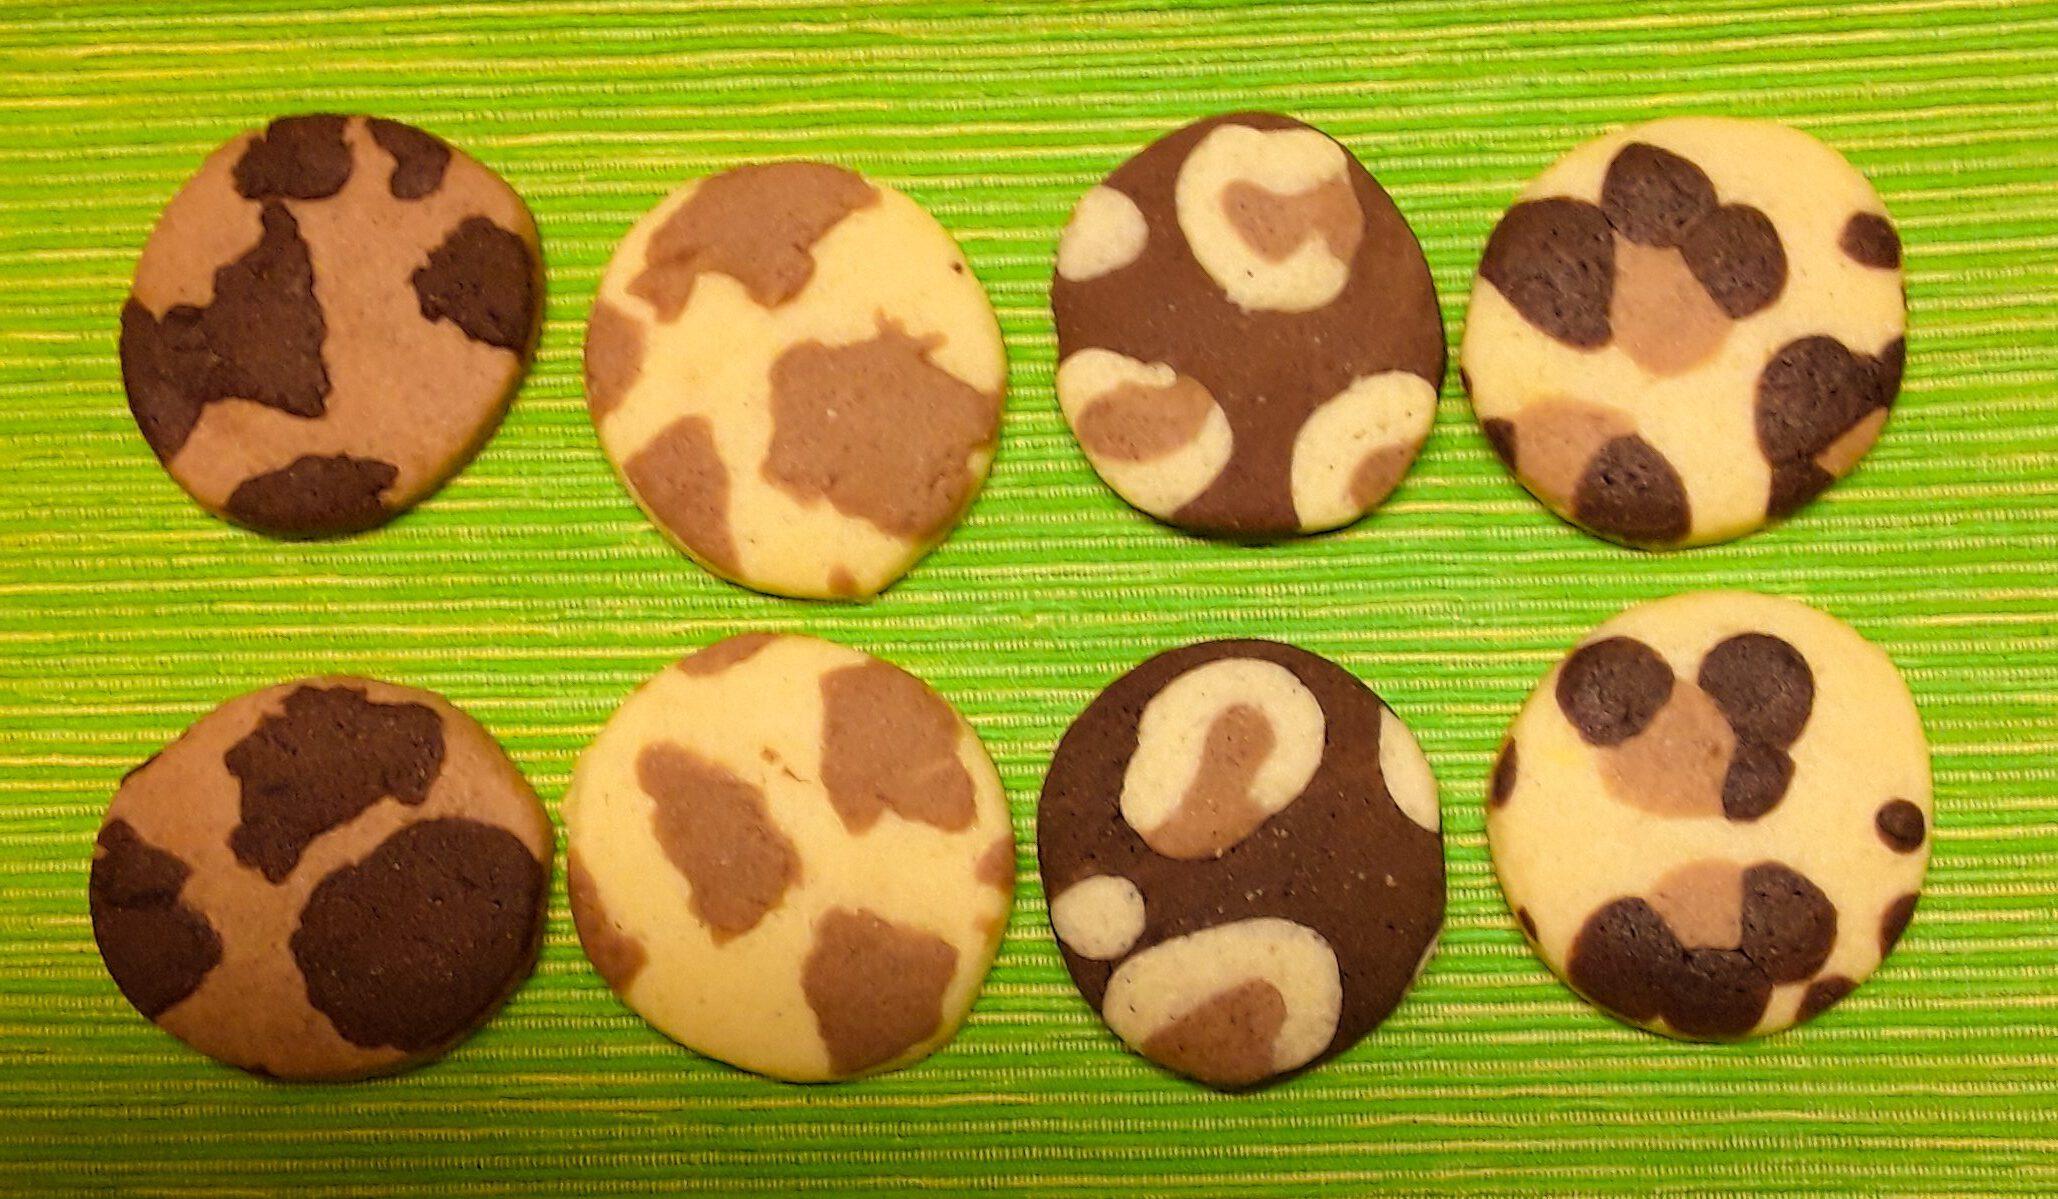 Leoparden-Kekse, Giraffen-Kekse